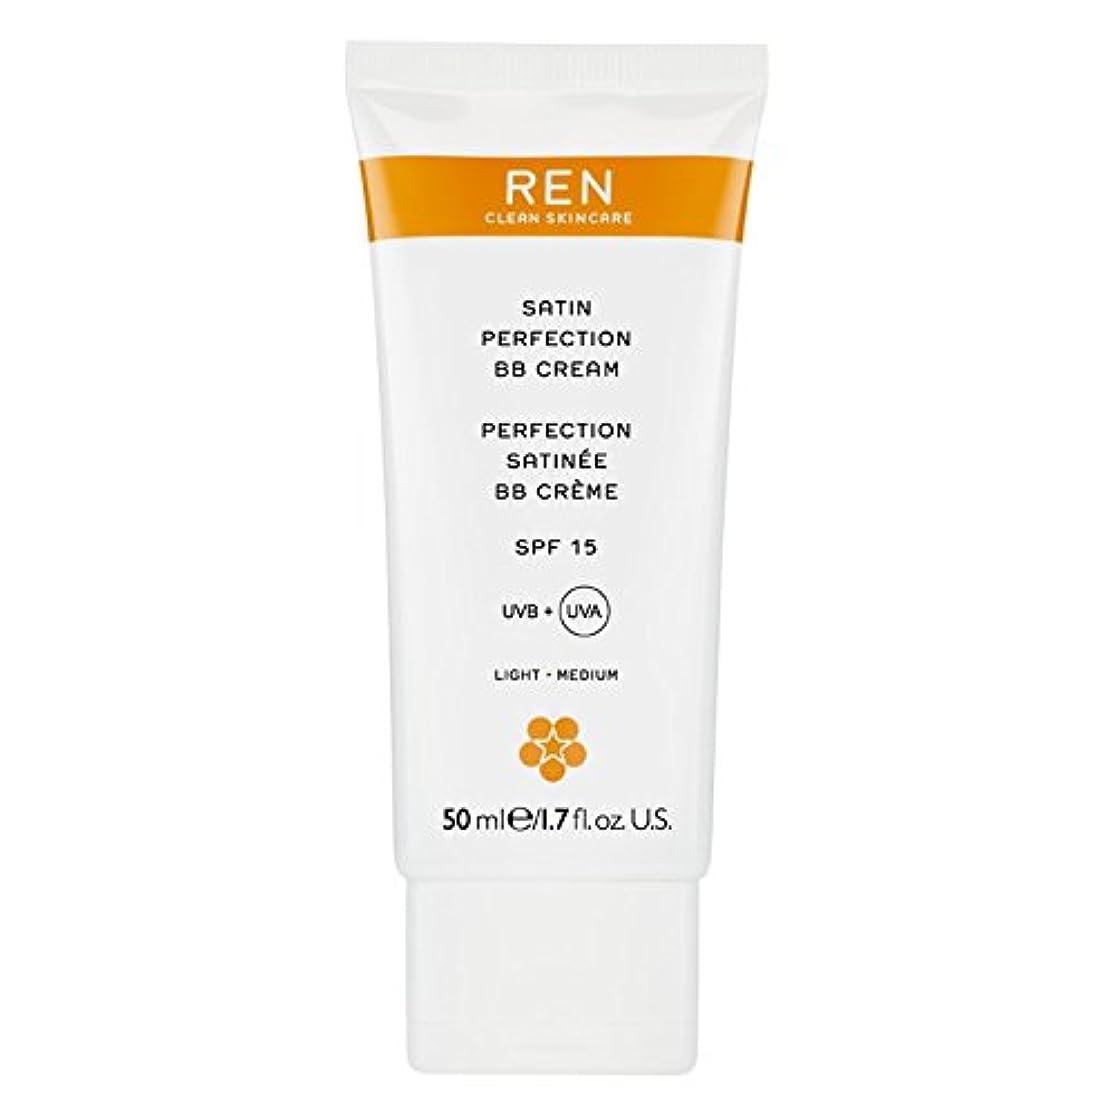 とても多くのプログレッシブ北東Renサテン完璧Bbクリーム50ミリリットル (REN) (x2) - REN Satin Perfection BB Cream 50ml (Pack of 2) [並行輸入品]